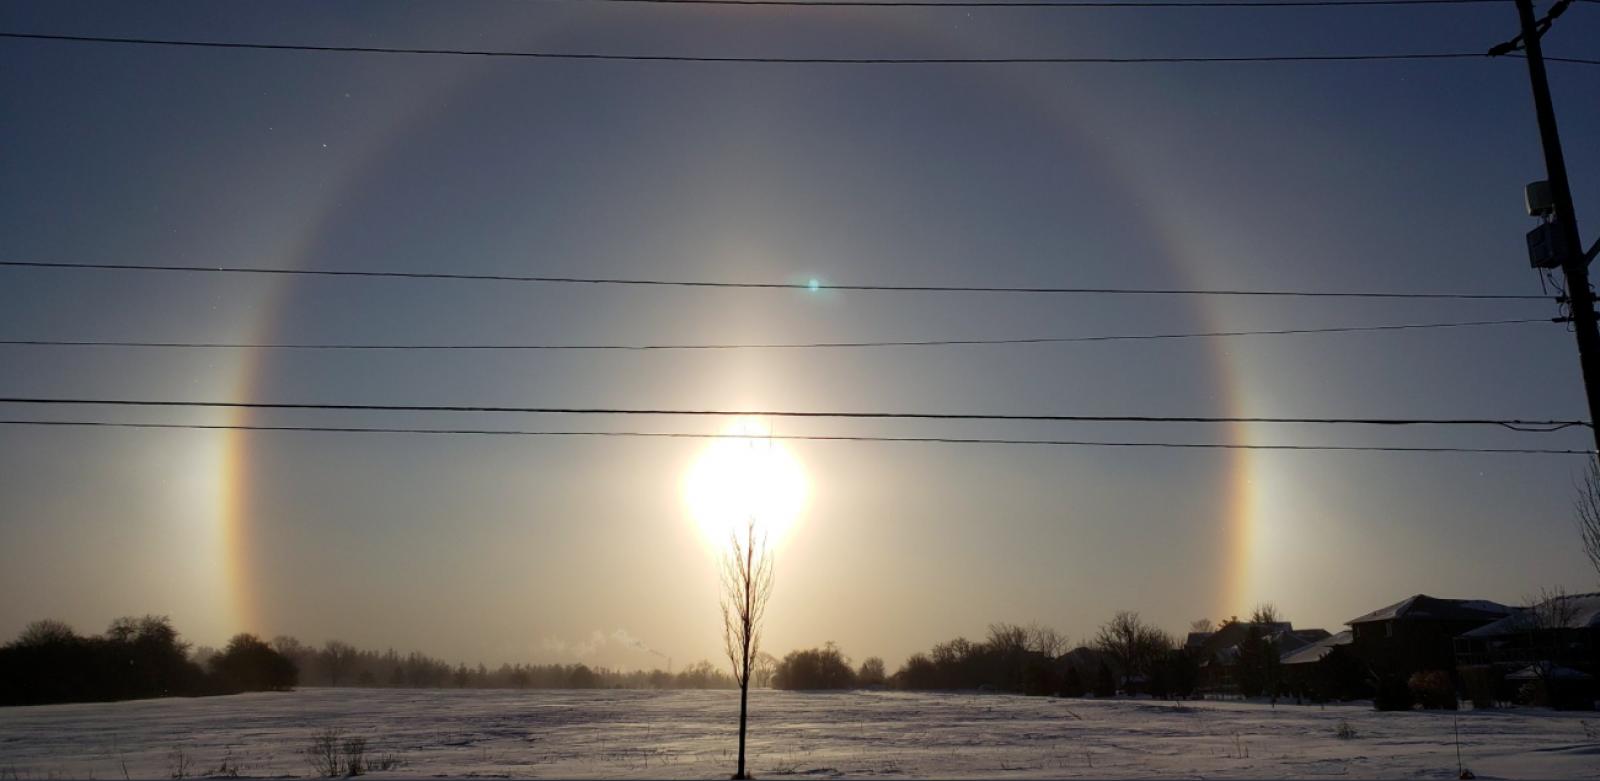 Parheli durant el temporal de fred polar als Estats Units